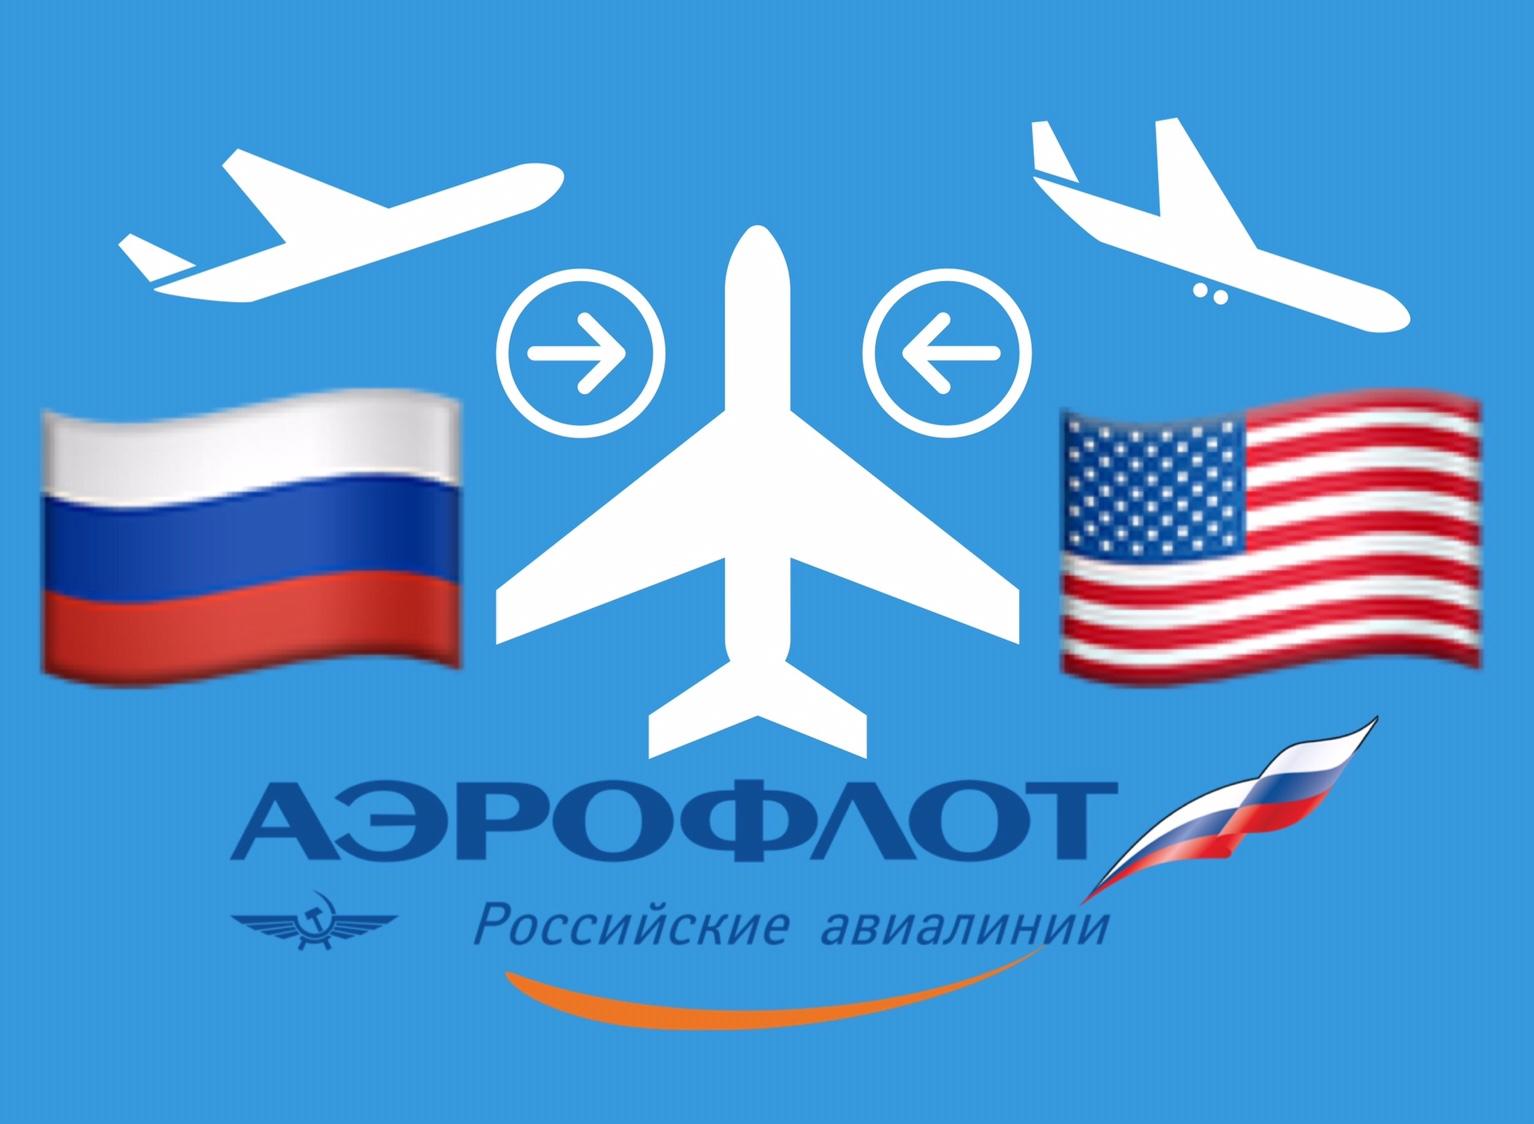 Власти США устроили визовую блокаду экипажу российского Аэрофлота.